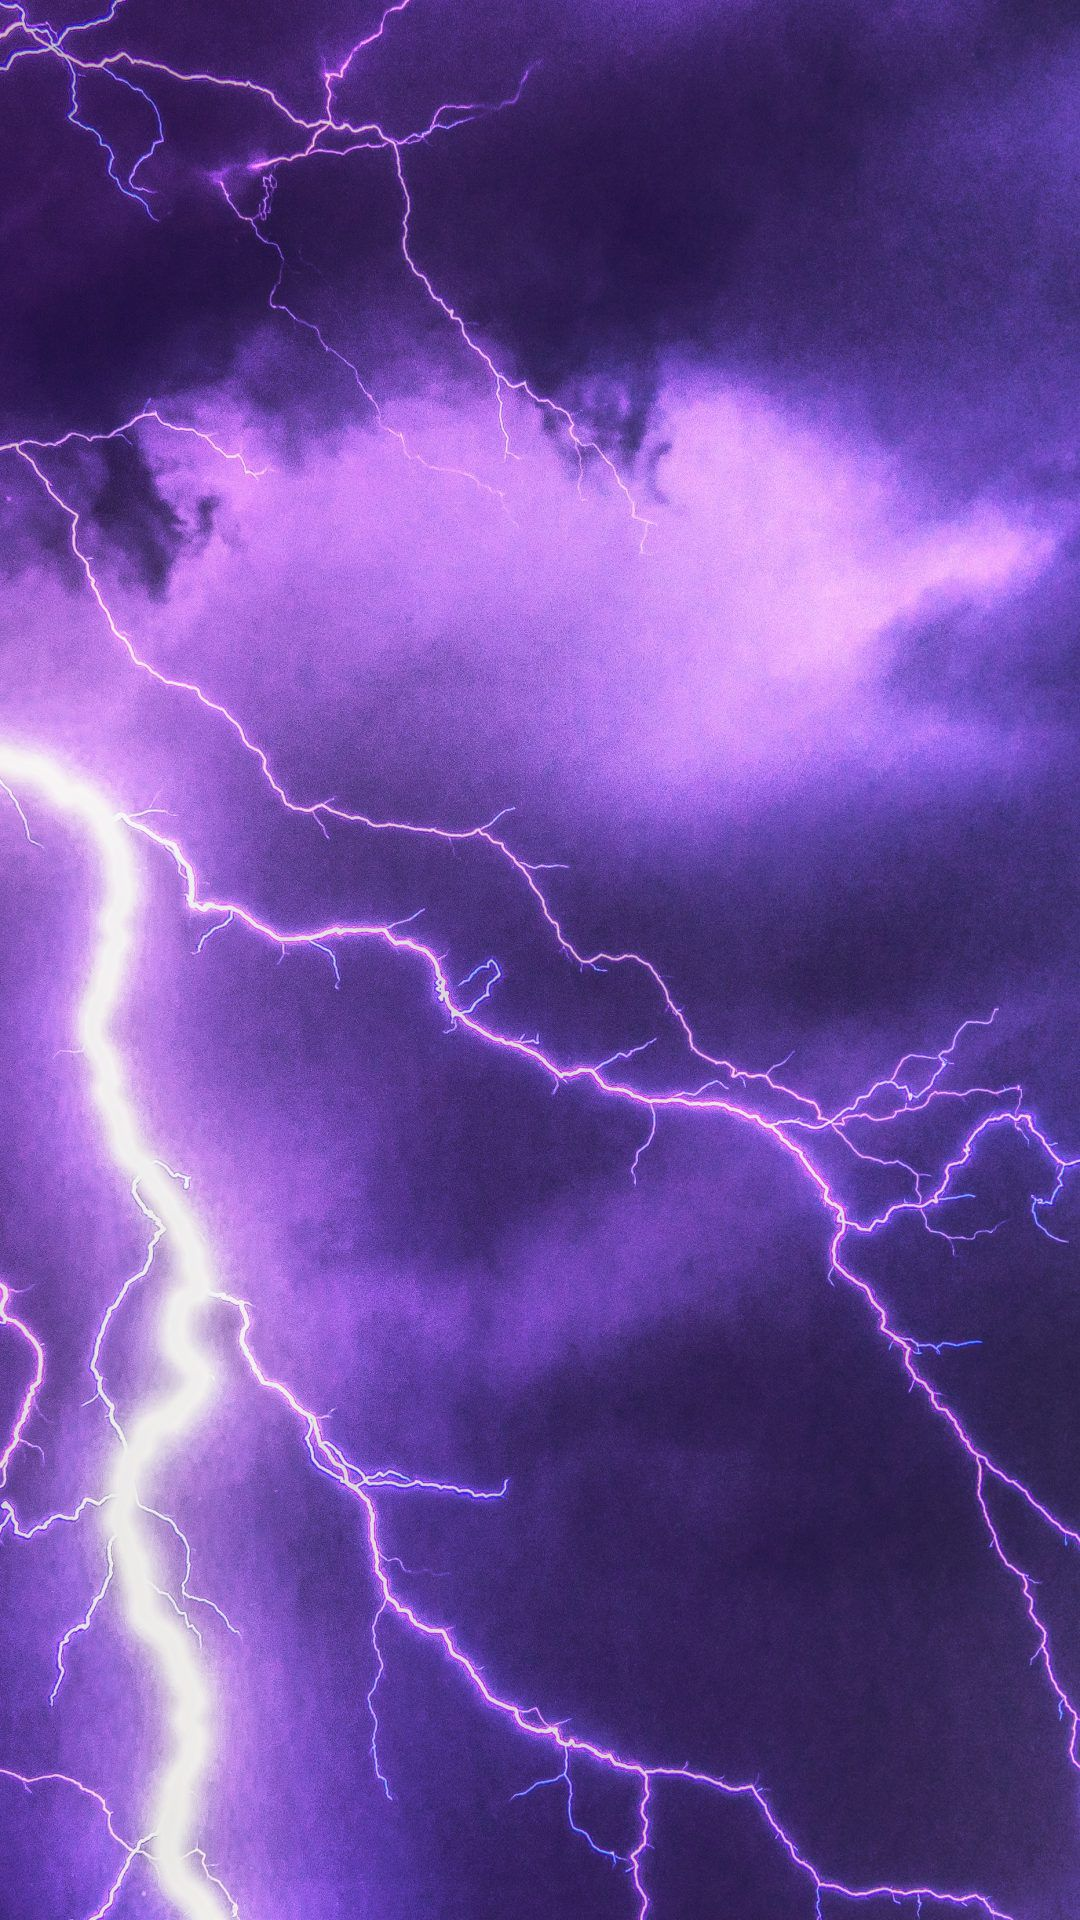 Purple Lightning 6K UHD Wallpaper Purple lightning